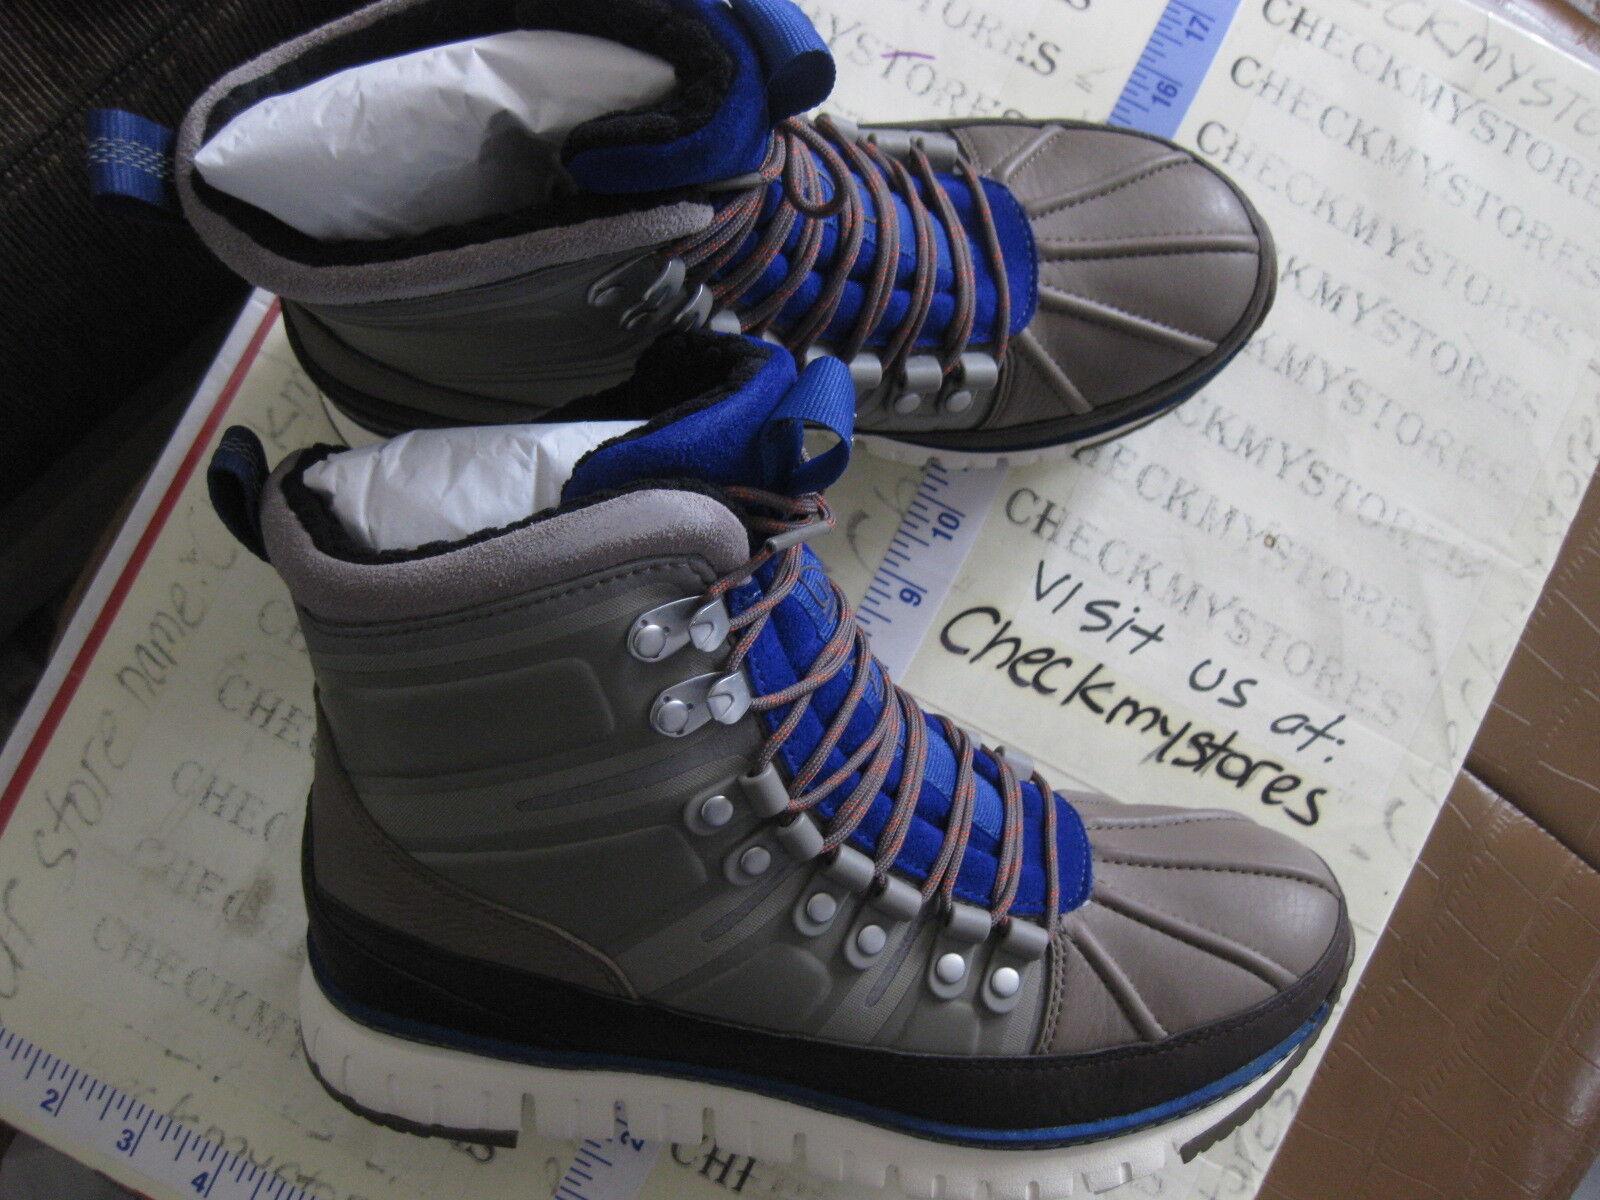 Nueva En Caja  Cole Haan zerogrand botas Deportivas Peso Ligero Comodidad Sz Mens 7 EE. UU.